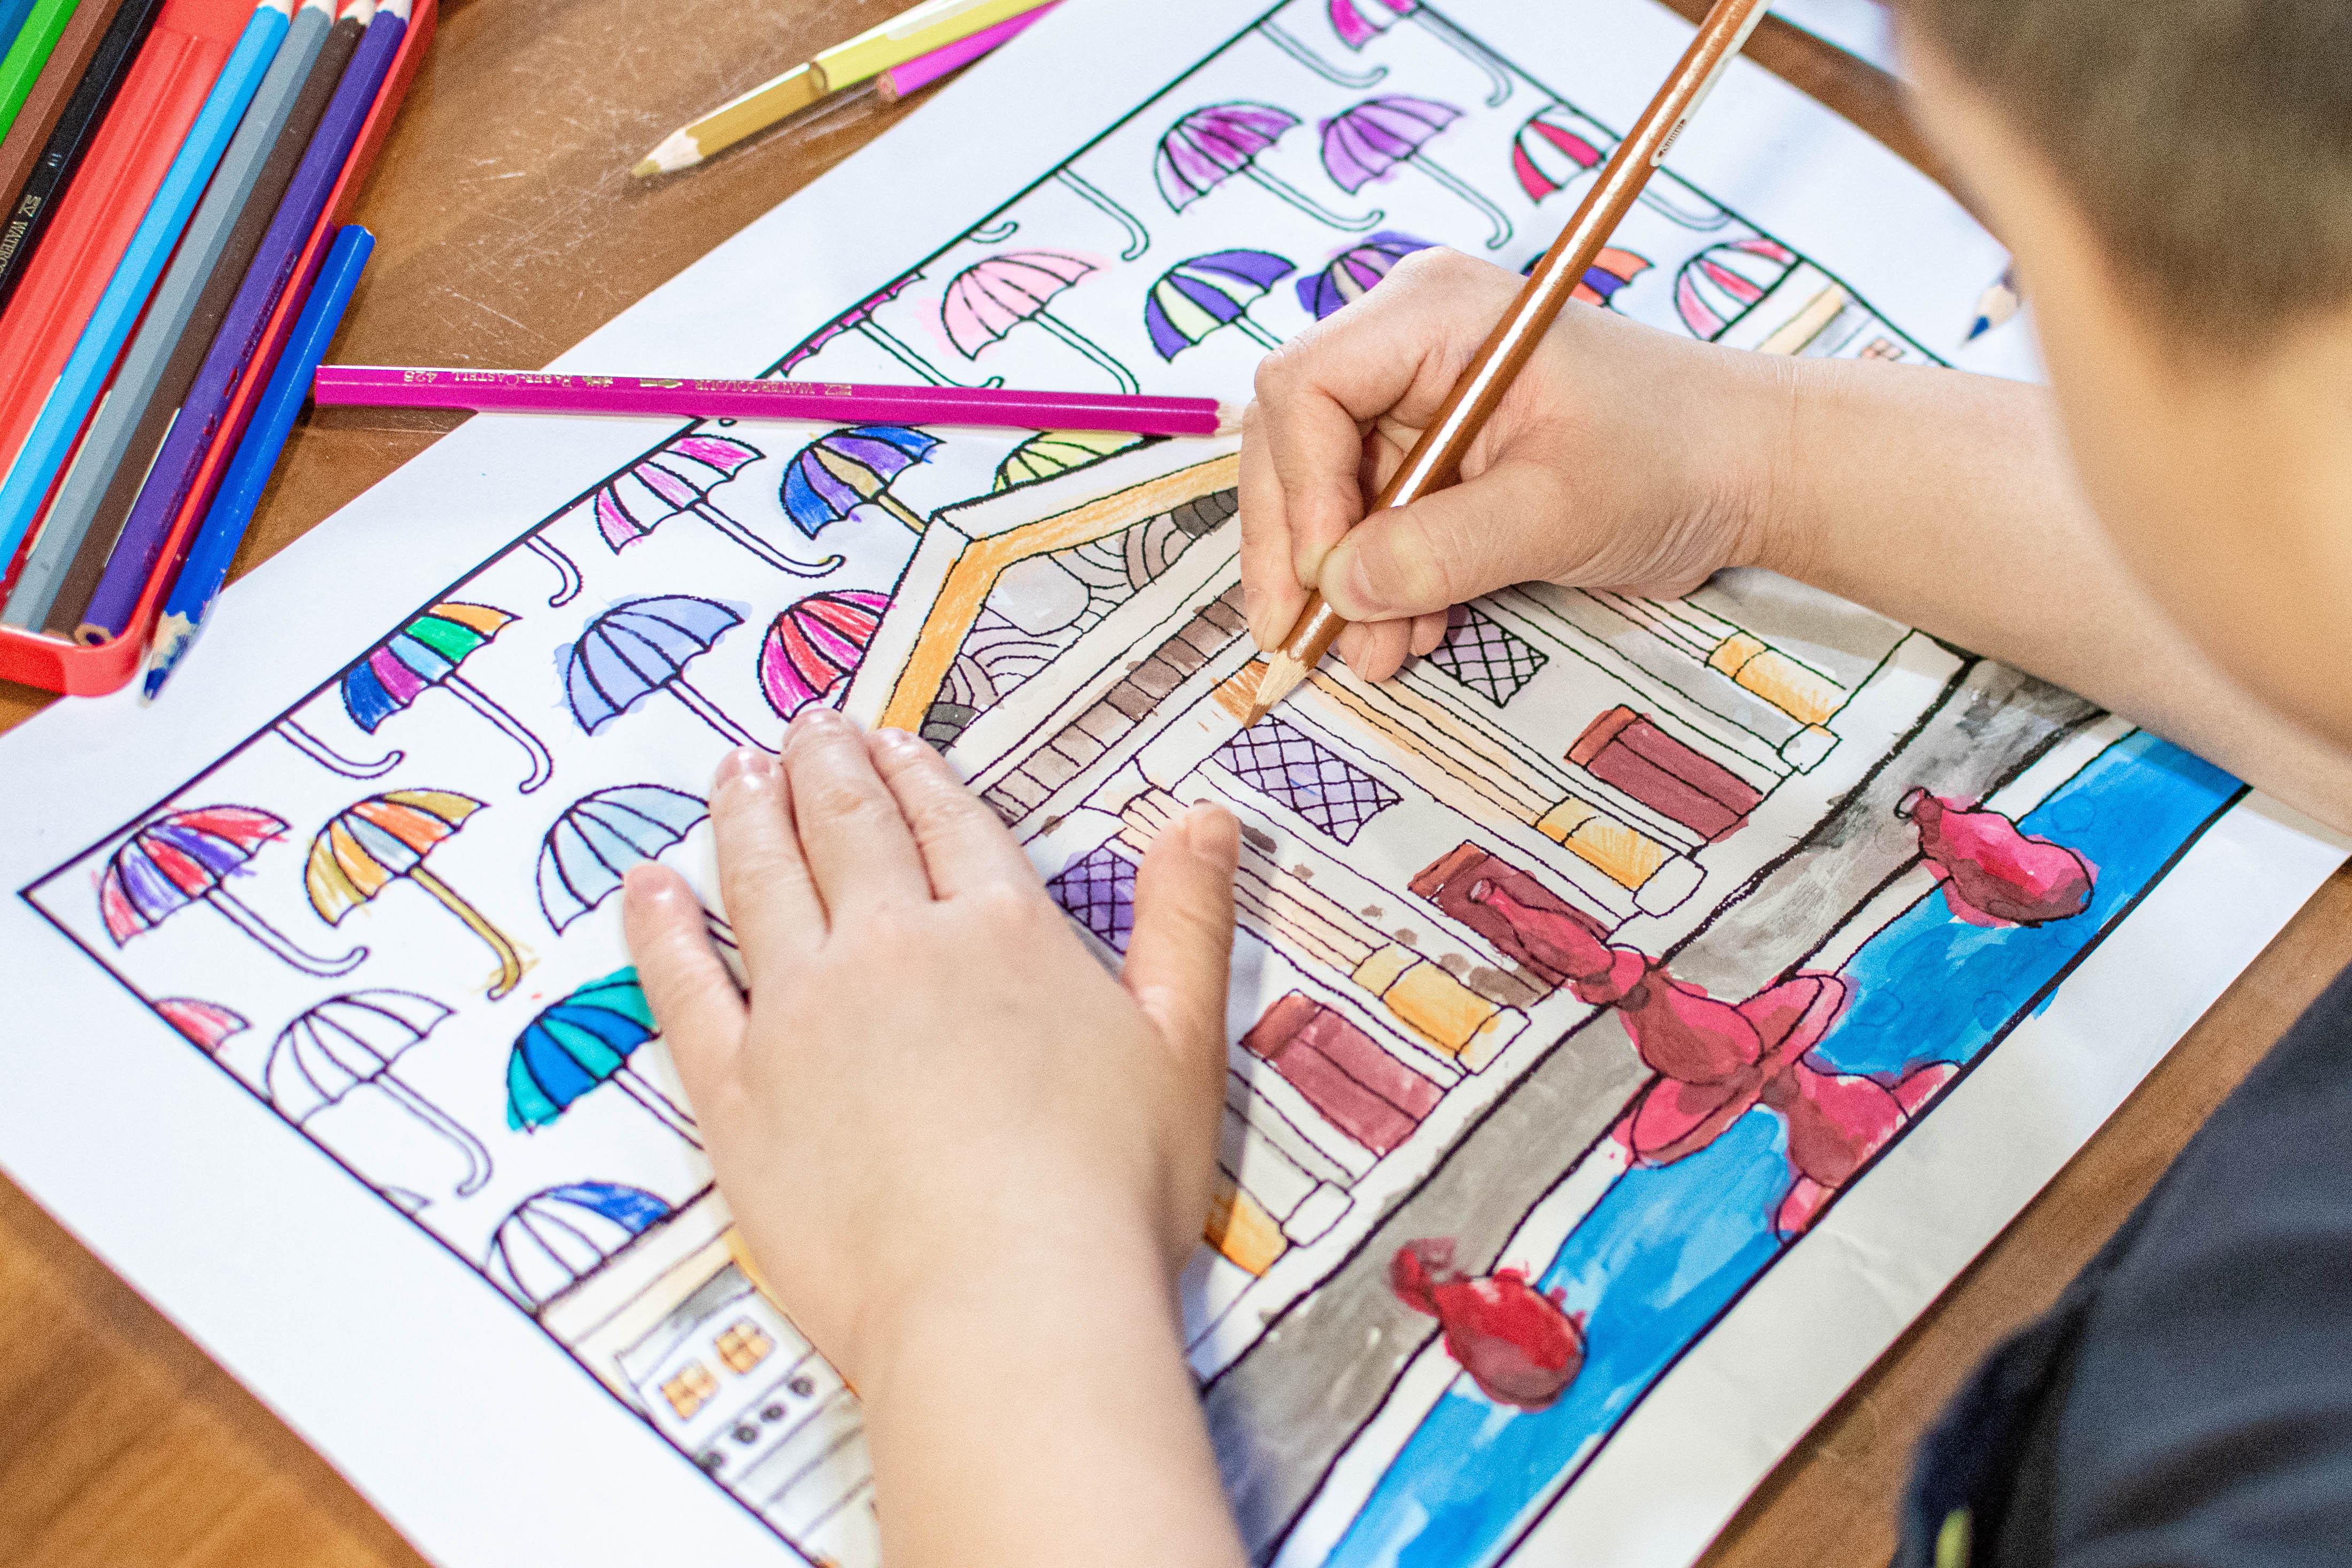 暑假宅家不無聊 435藝文特區藝術家手繪藝文場館 打造親子同樂塗鴉趣